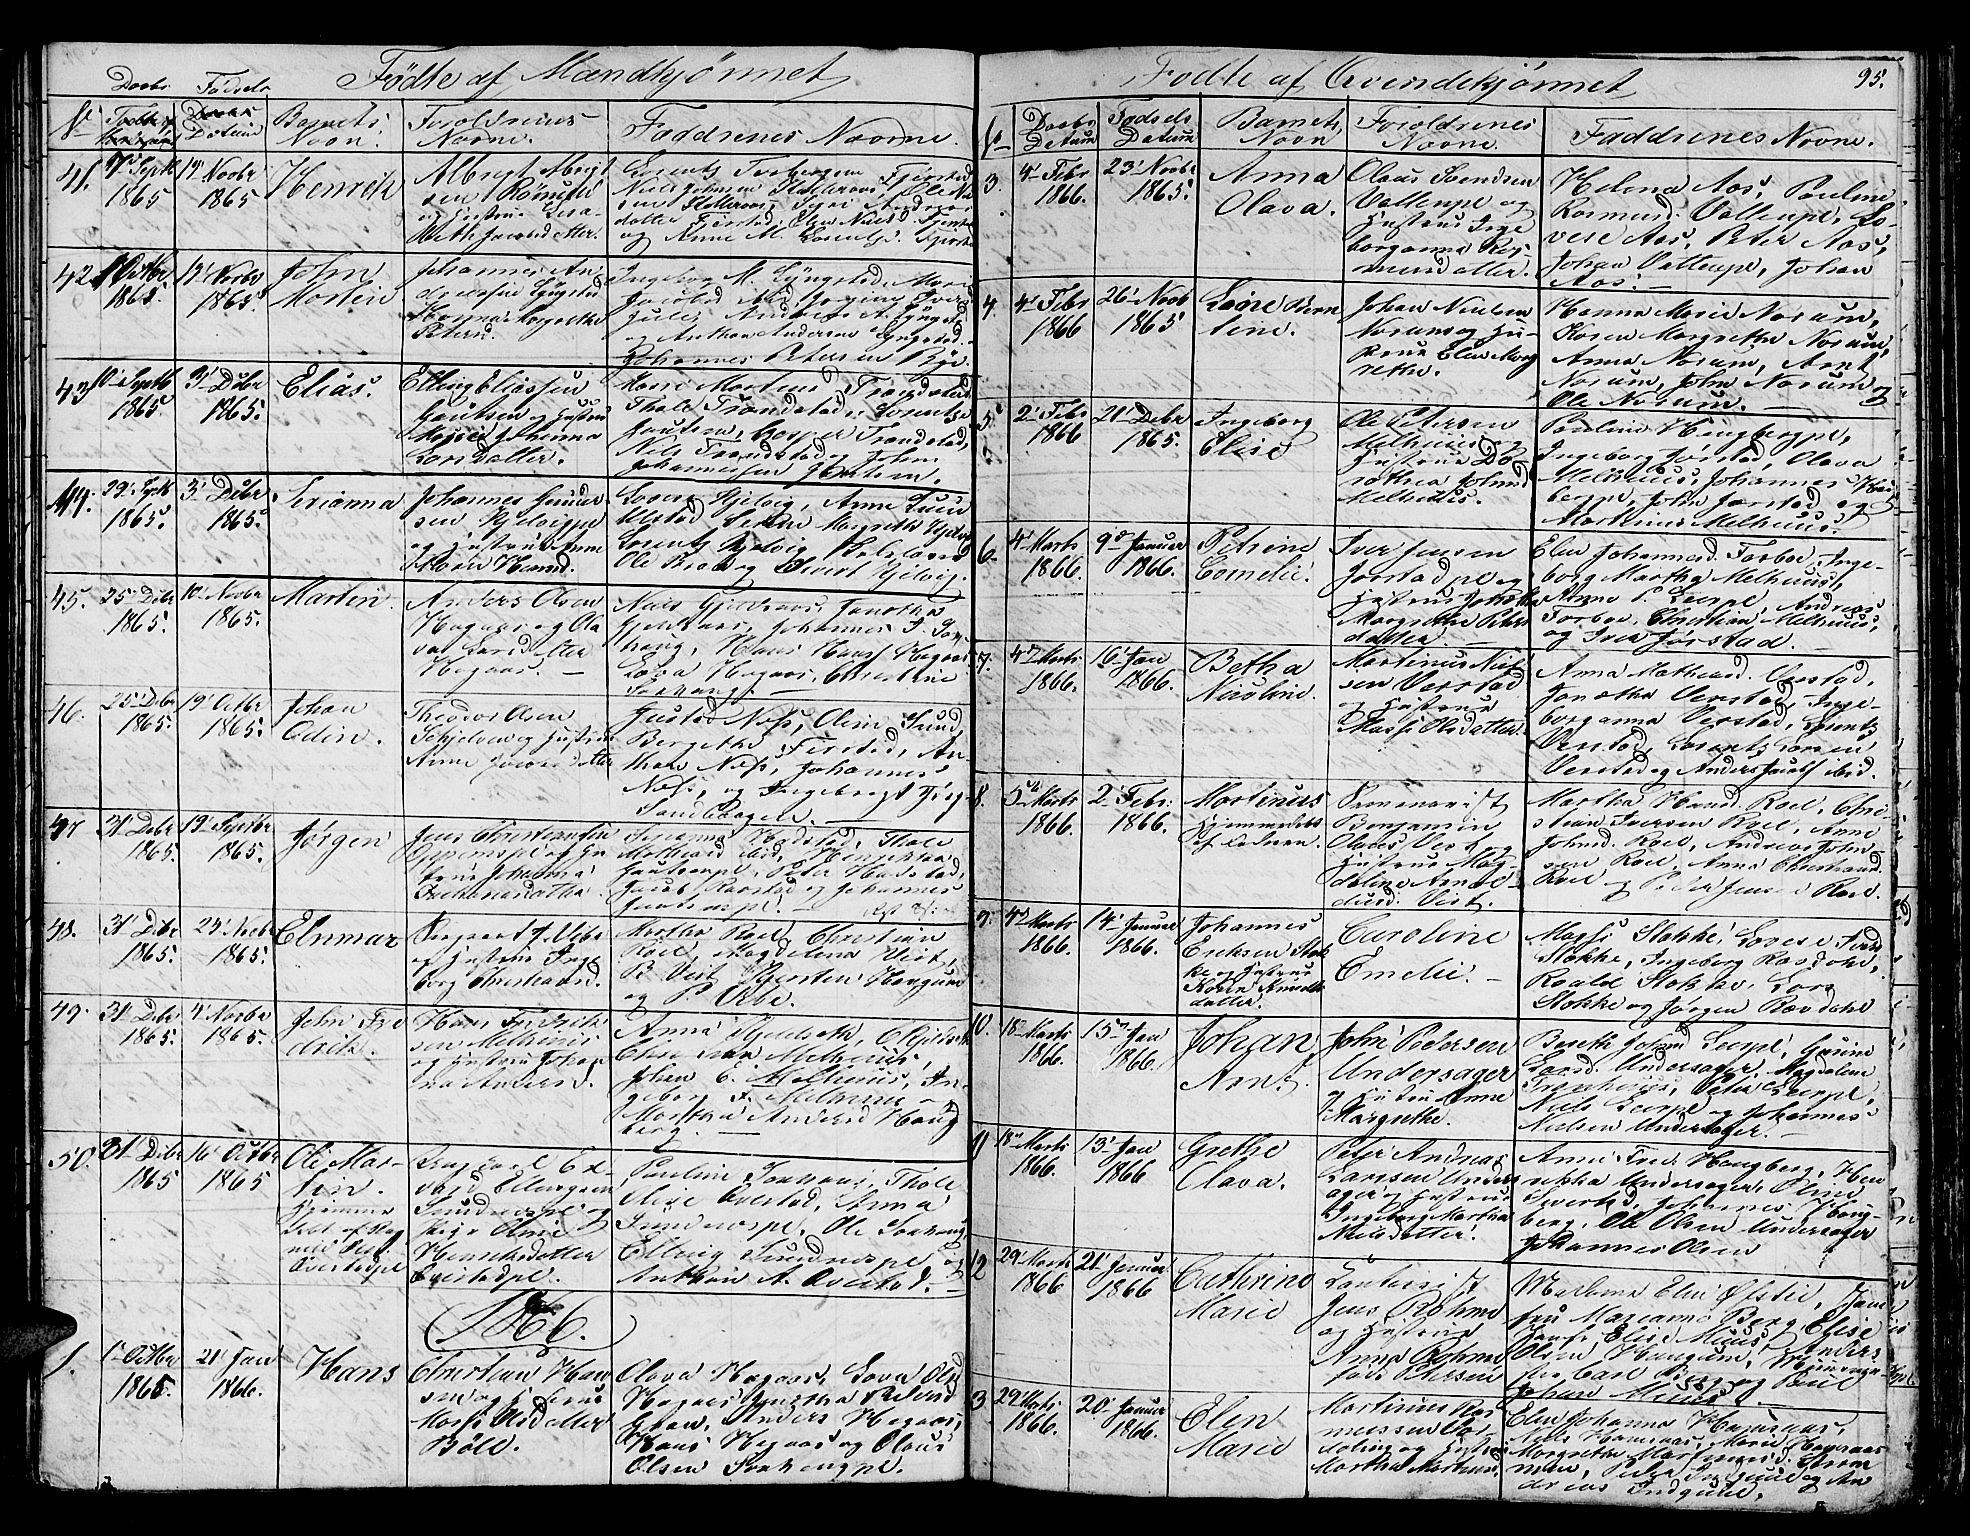 SAT, Ministerialprotokoller, klokkerbøker og fødselsregistre - Nord-Trøndelag, 730/L0299: Klokkerbok nr. 730C02, 1849-1871, s. 95